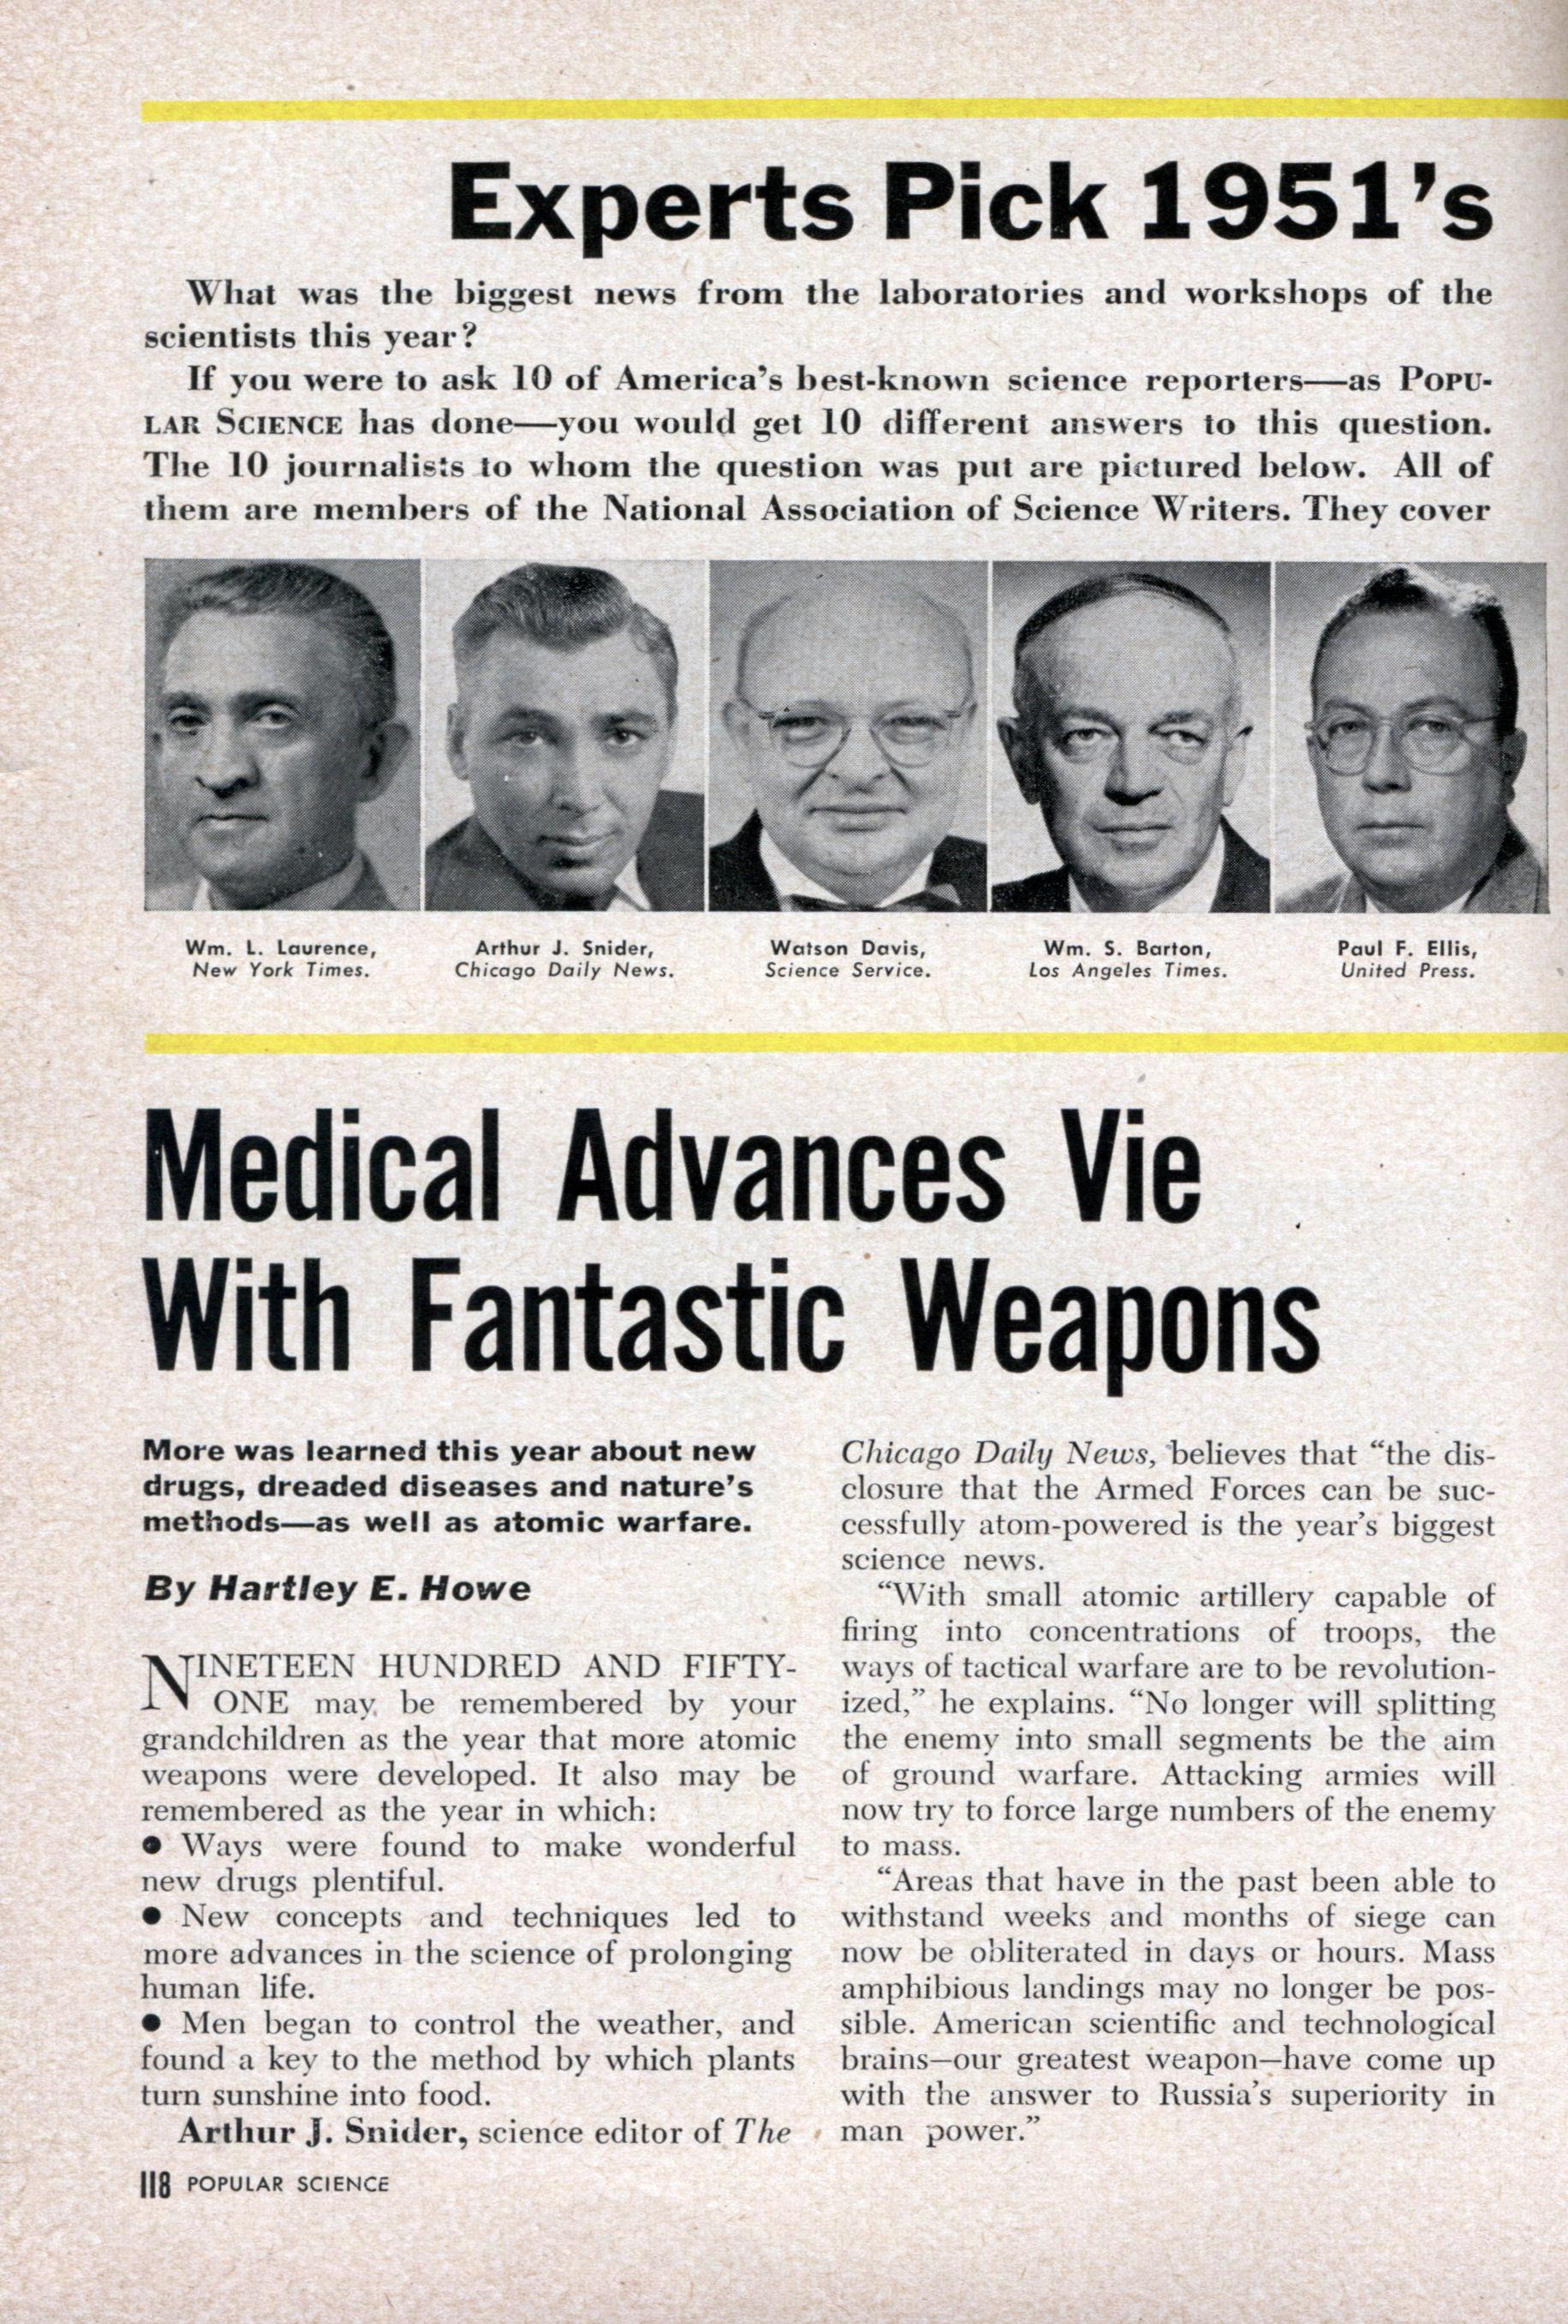 scientific news articles